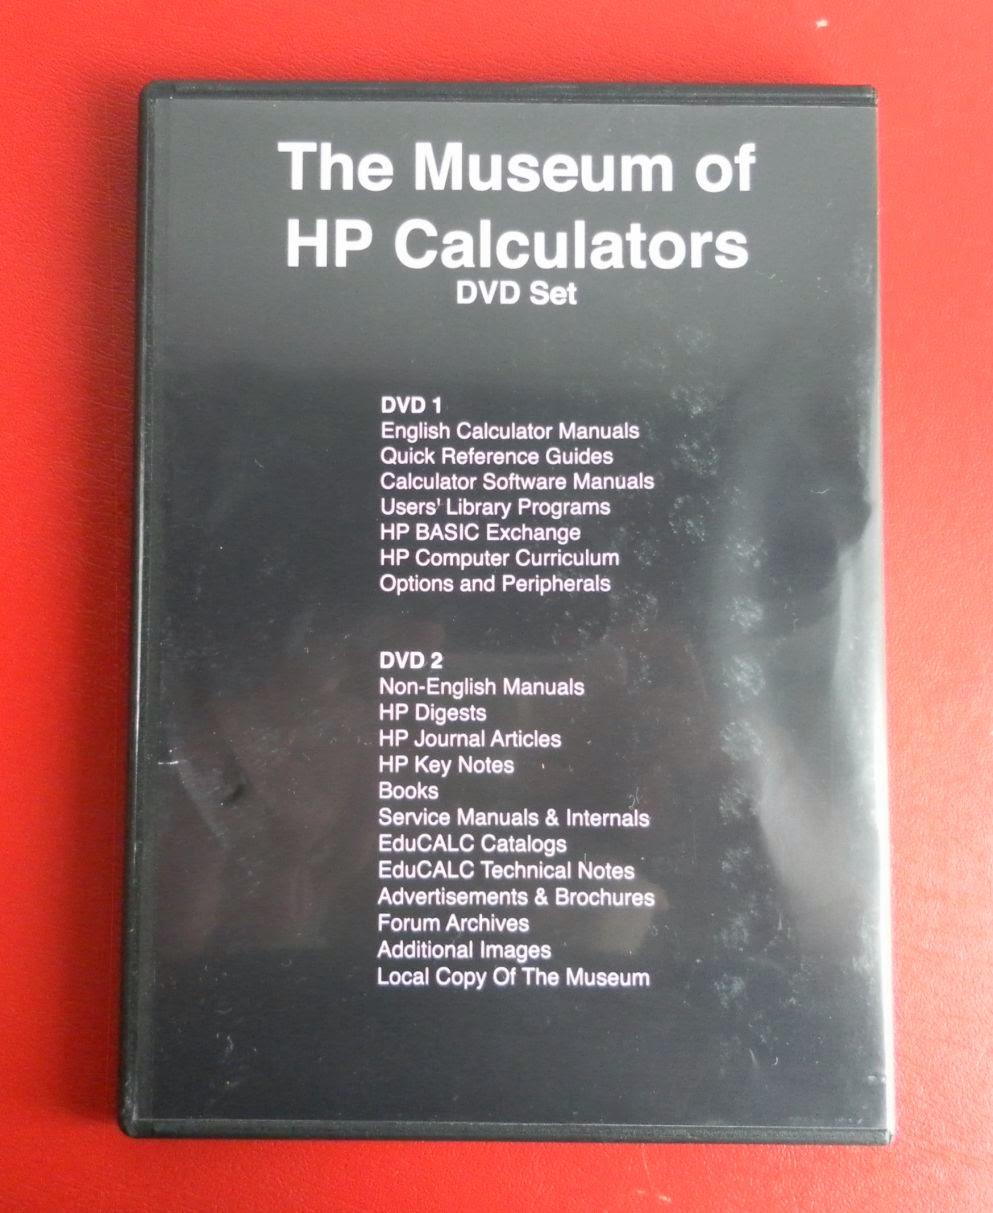 [Image: MoHPC_DVD_set_v7.00_002.JPG]